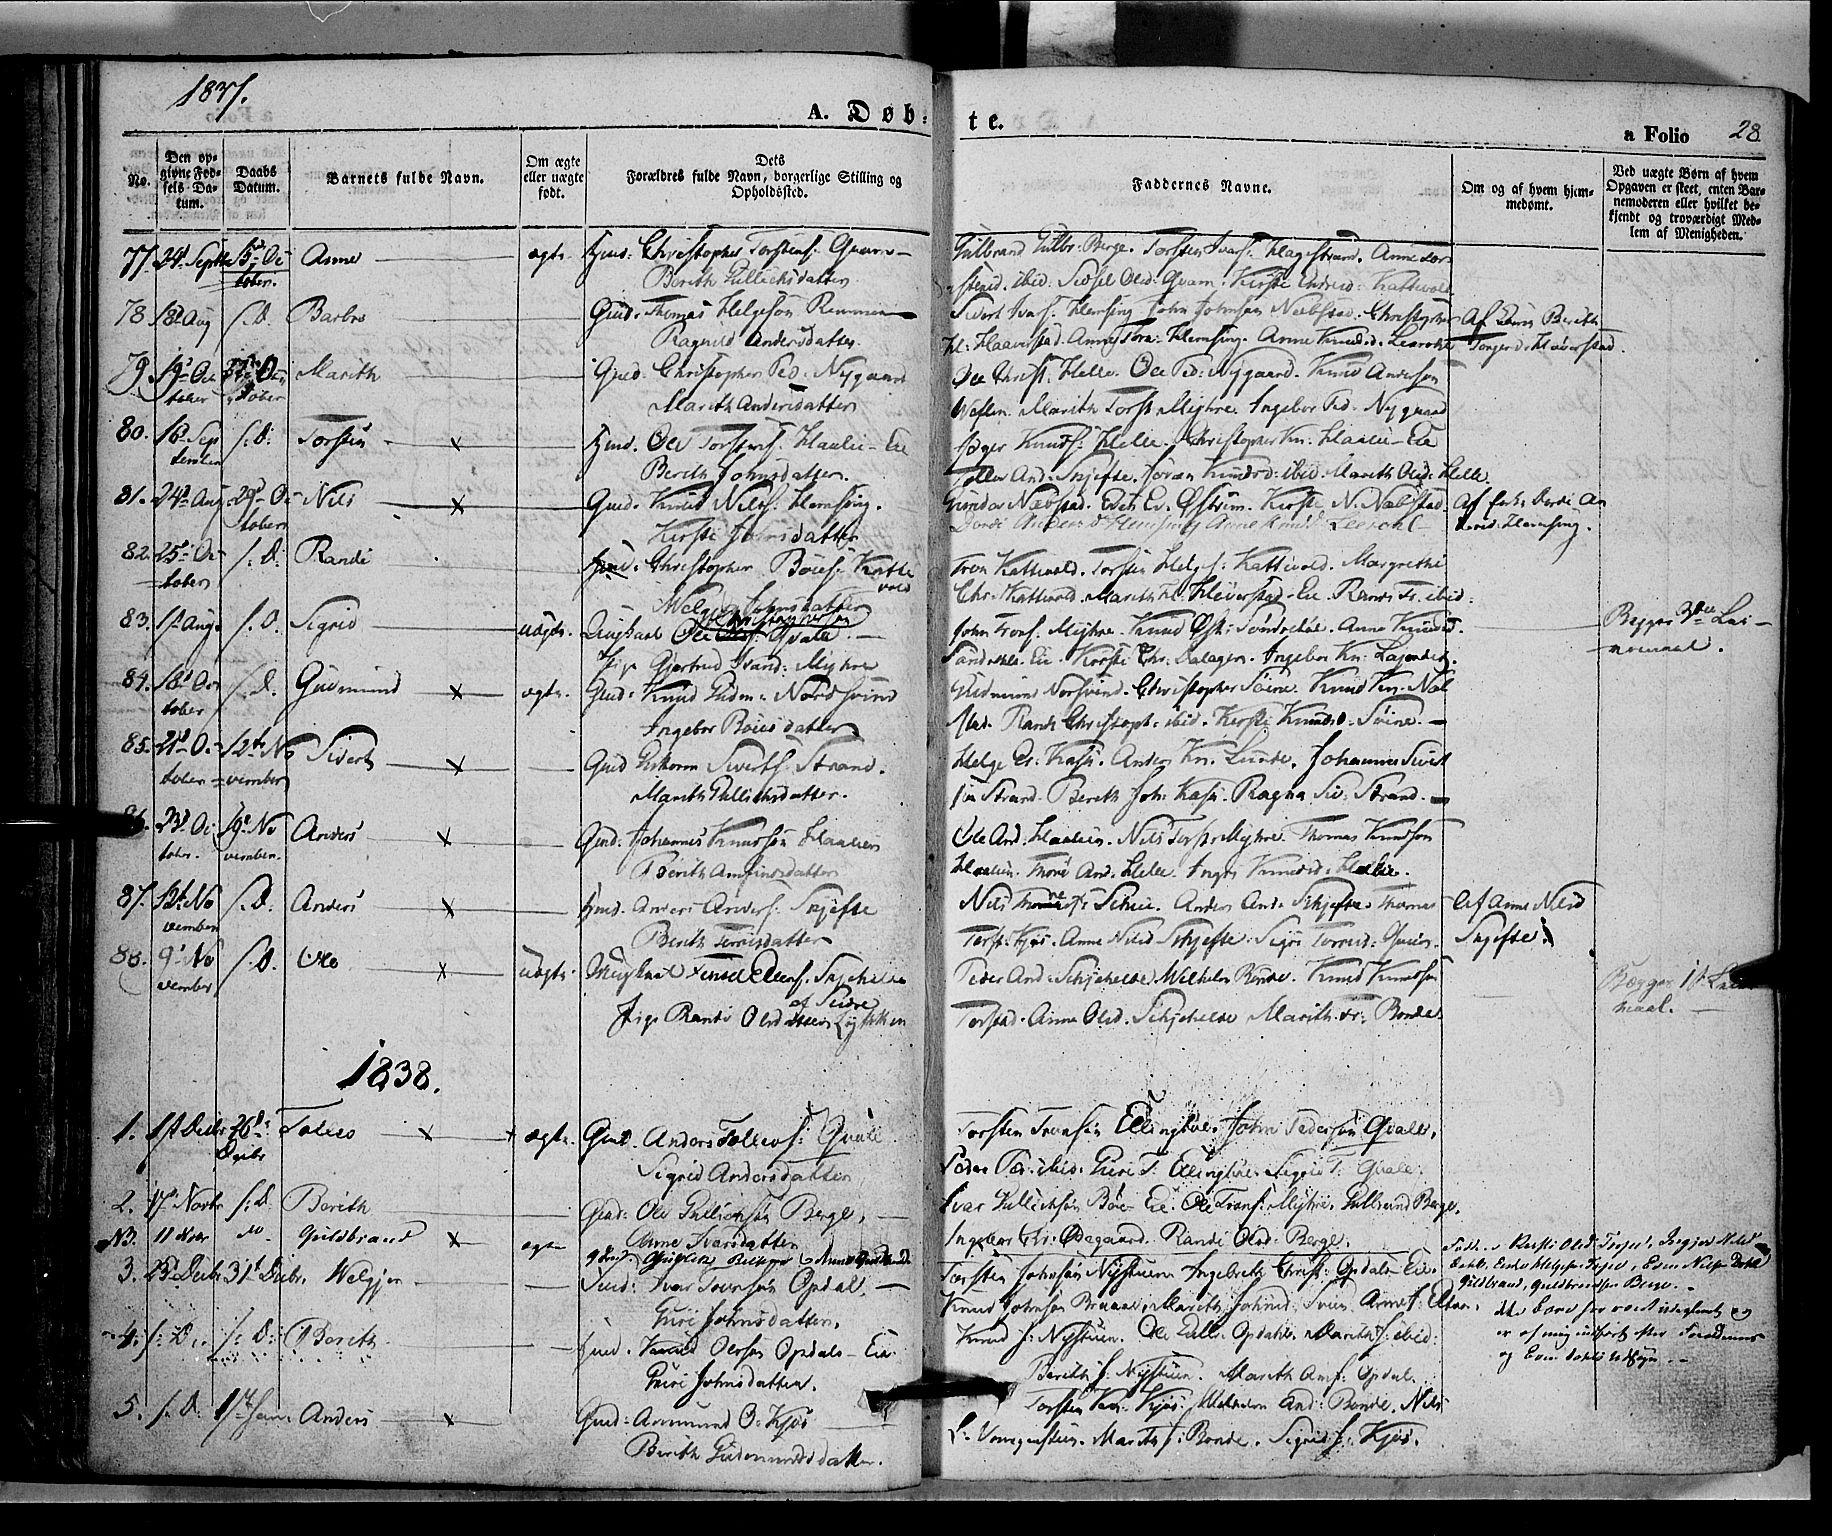 SAH, Vang prestekontor, Valdres, Ministerialbok nr. 5, 1831-1845, s. 28